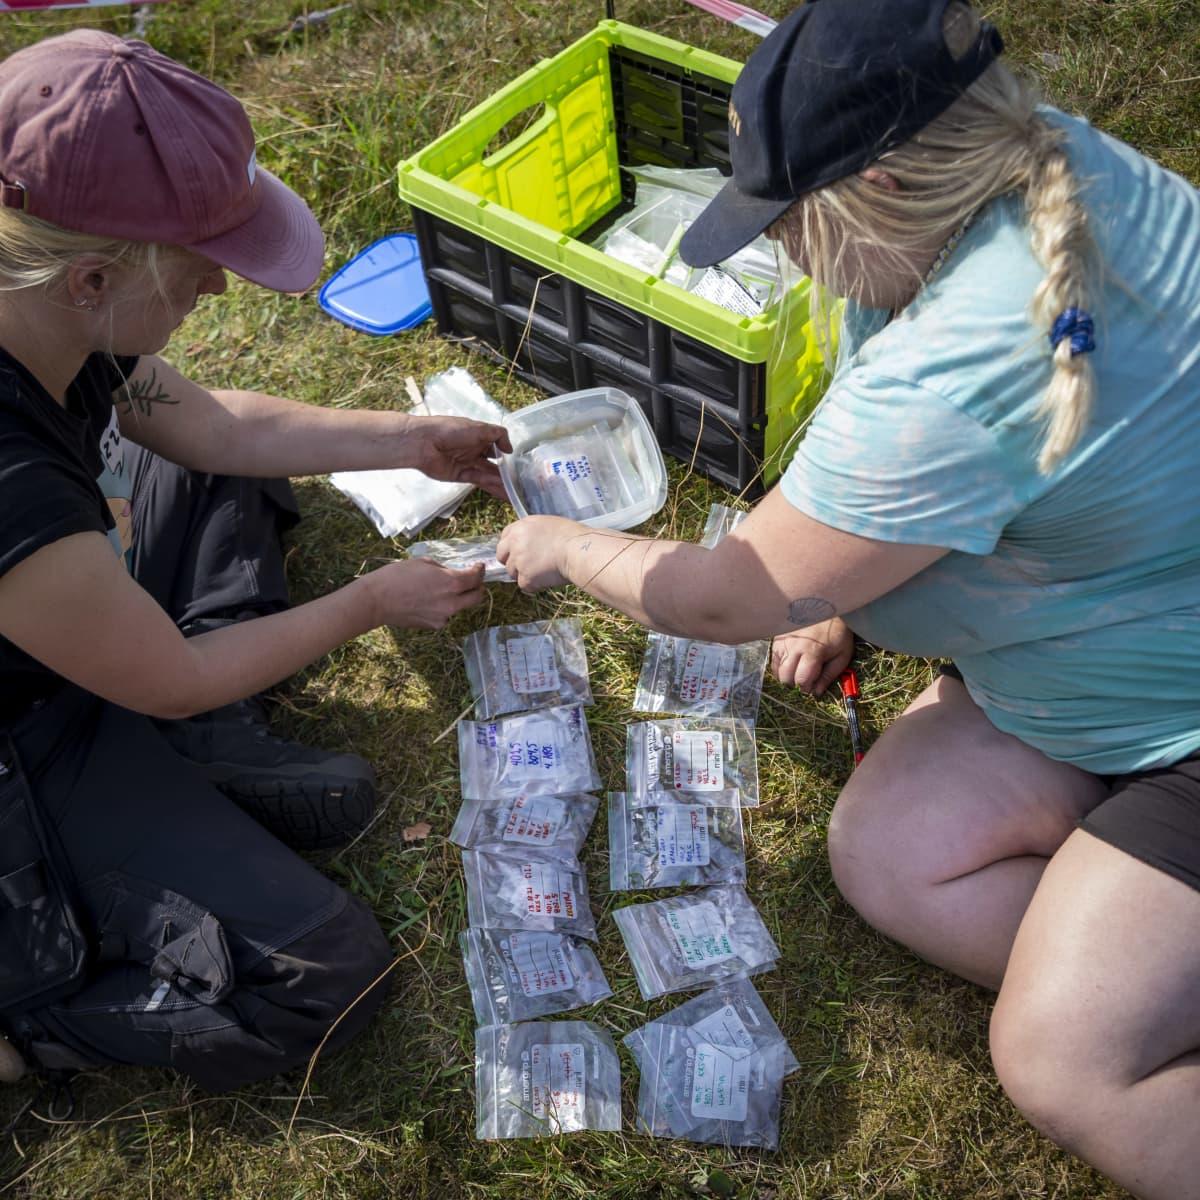 Henkilöt järjestelevät arkeologisia näytepusseja.